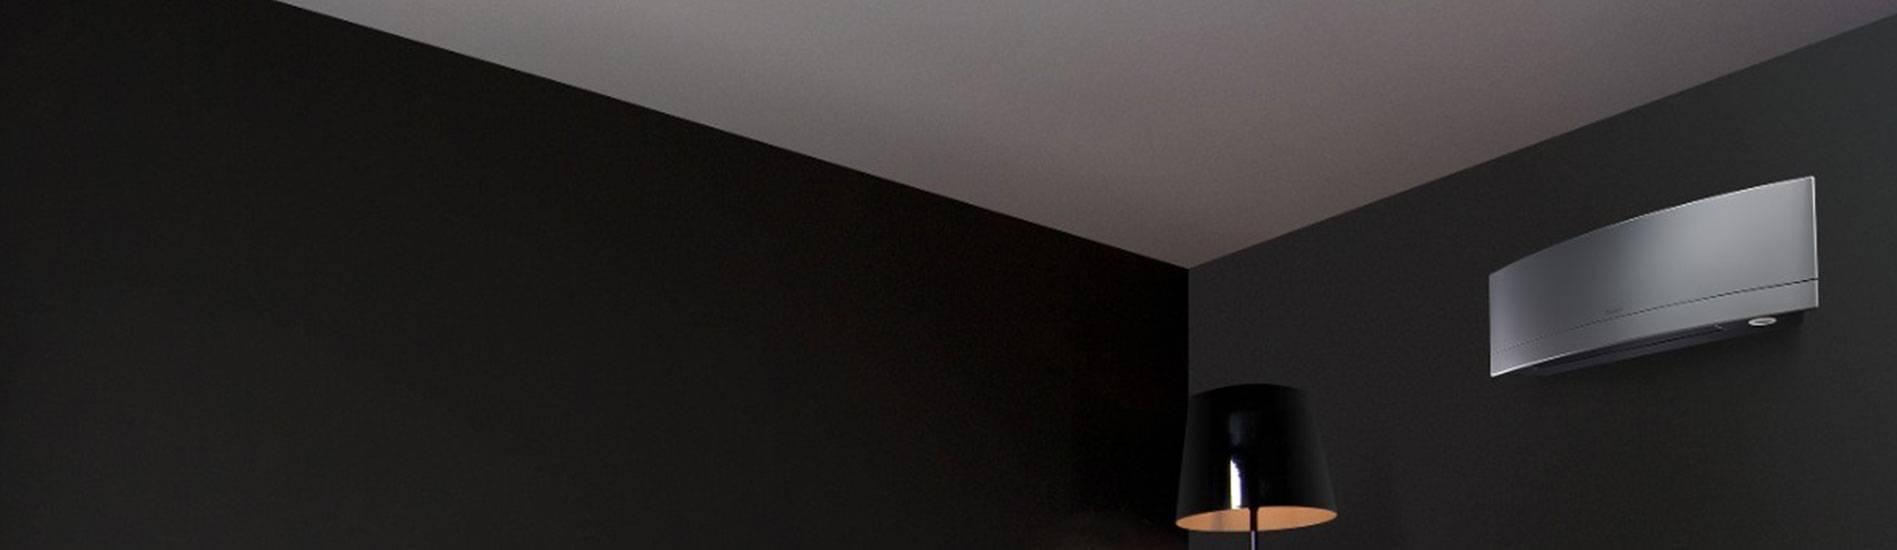 Daikin Emura  </br> To najlepšie z dizajnu prináša najvyššiu účinnosť a komfort